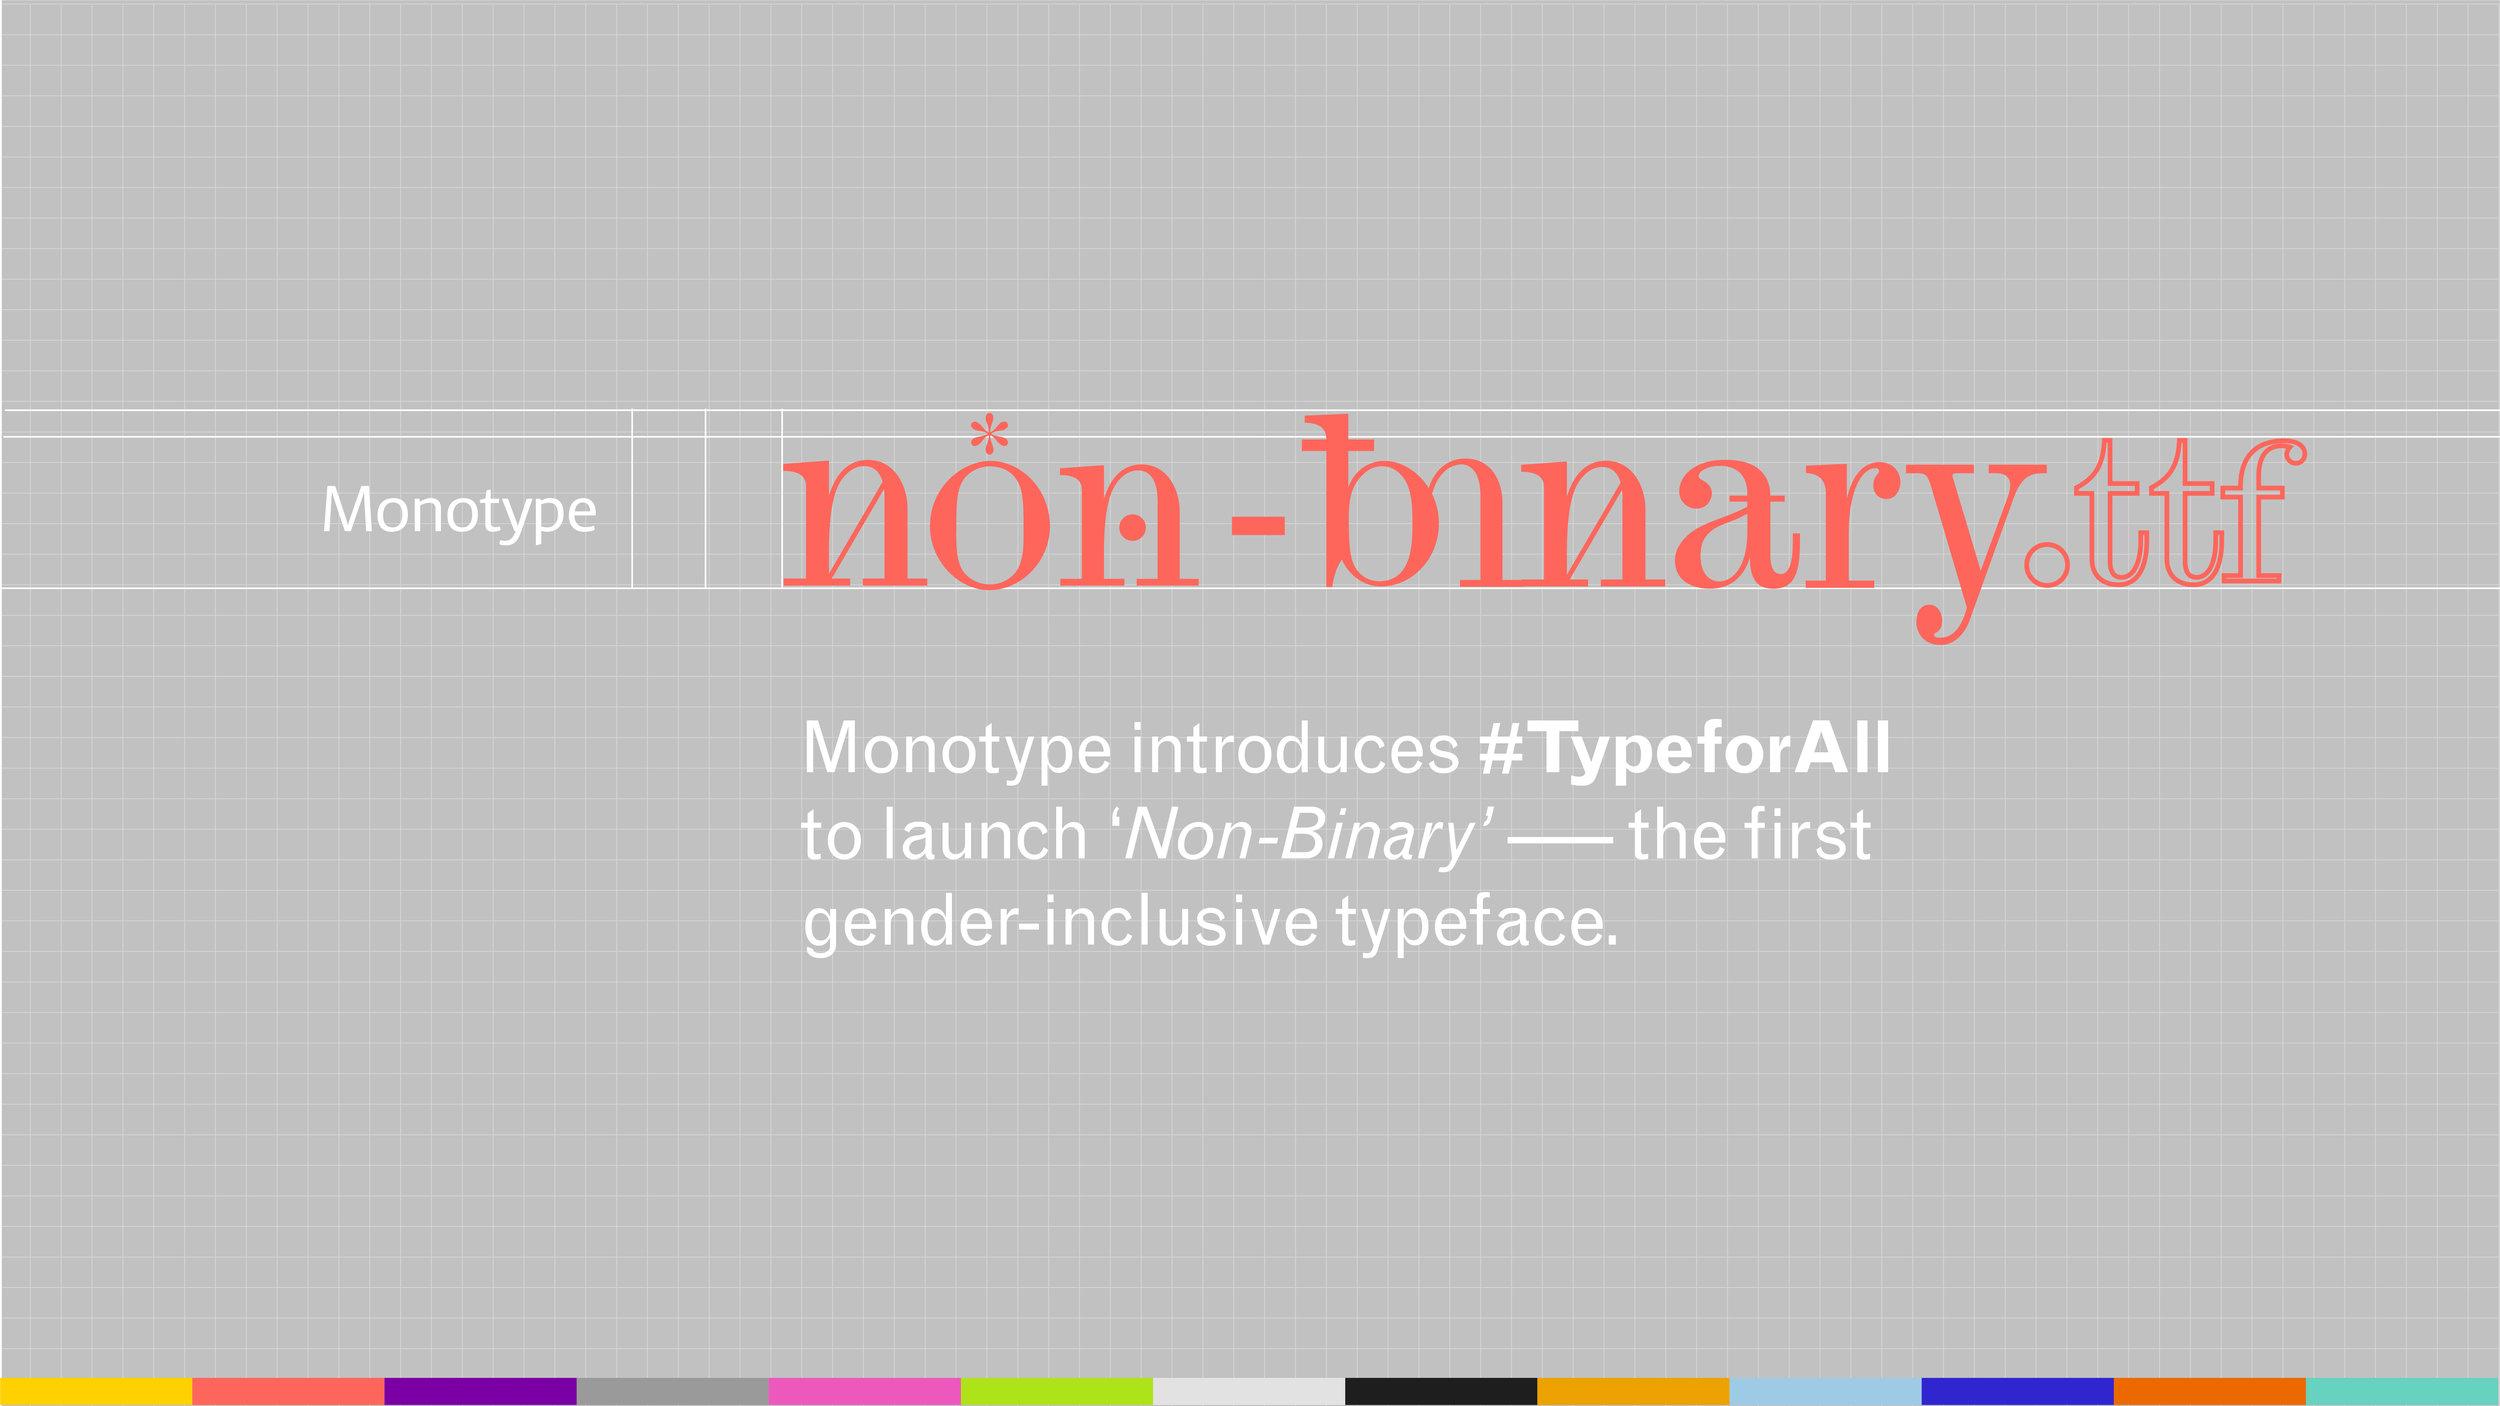 MONOTYPE_TYPEFORALL_1_INTRO.jpg